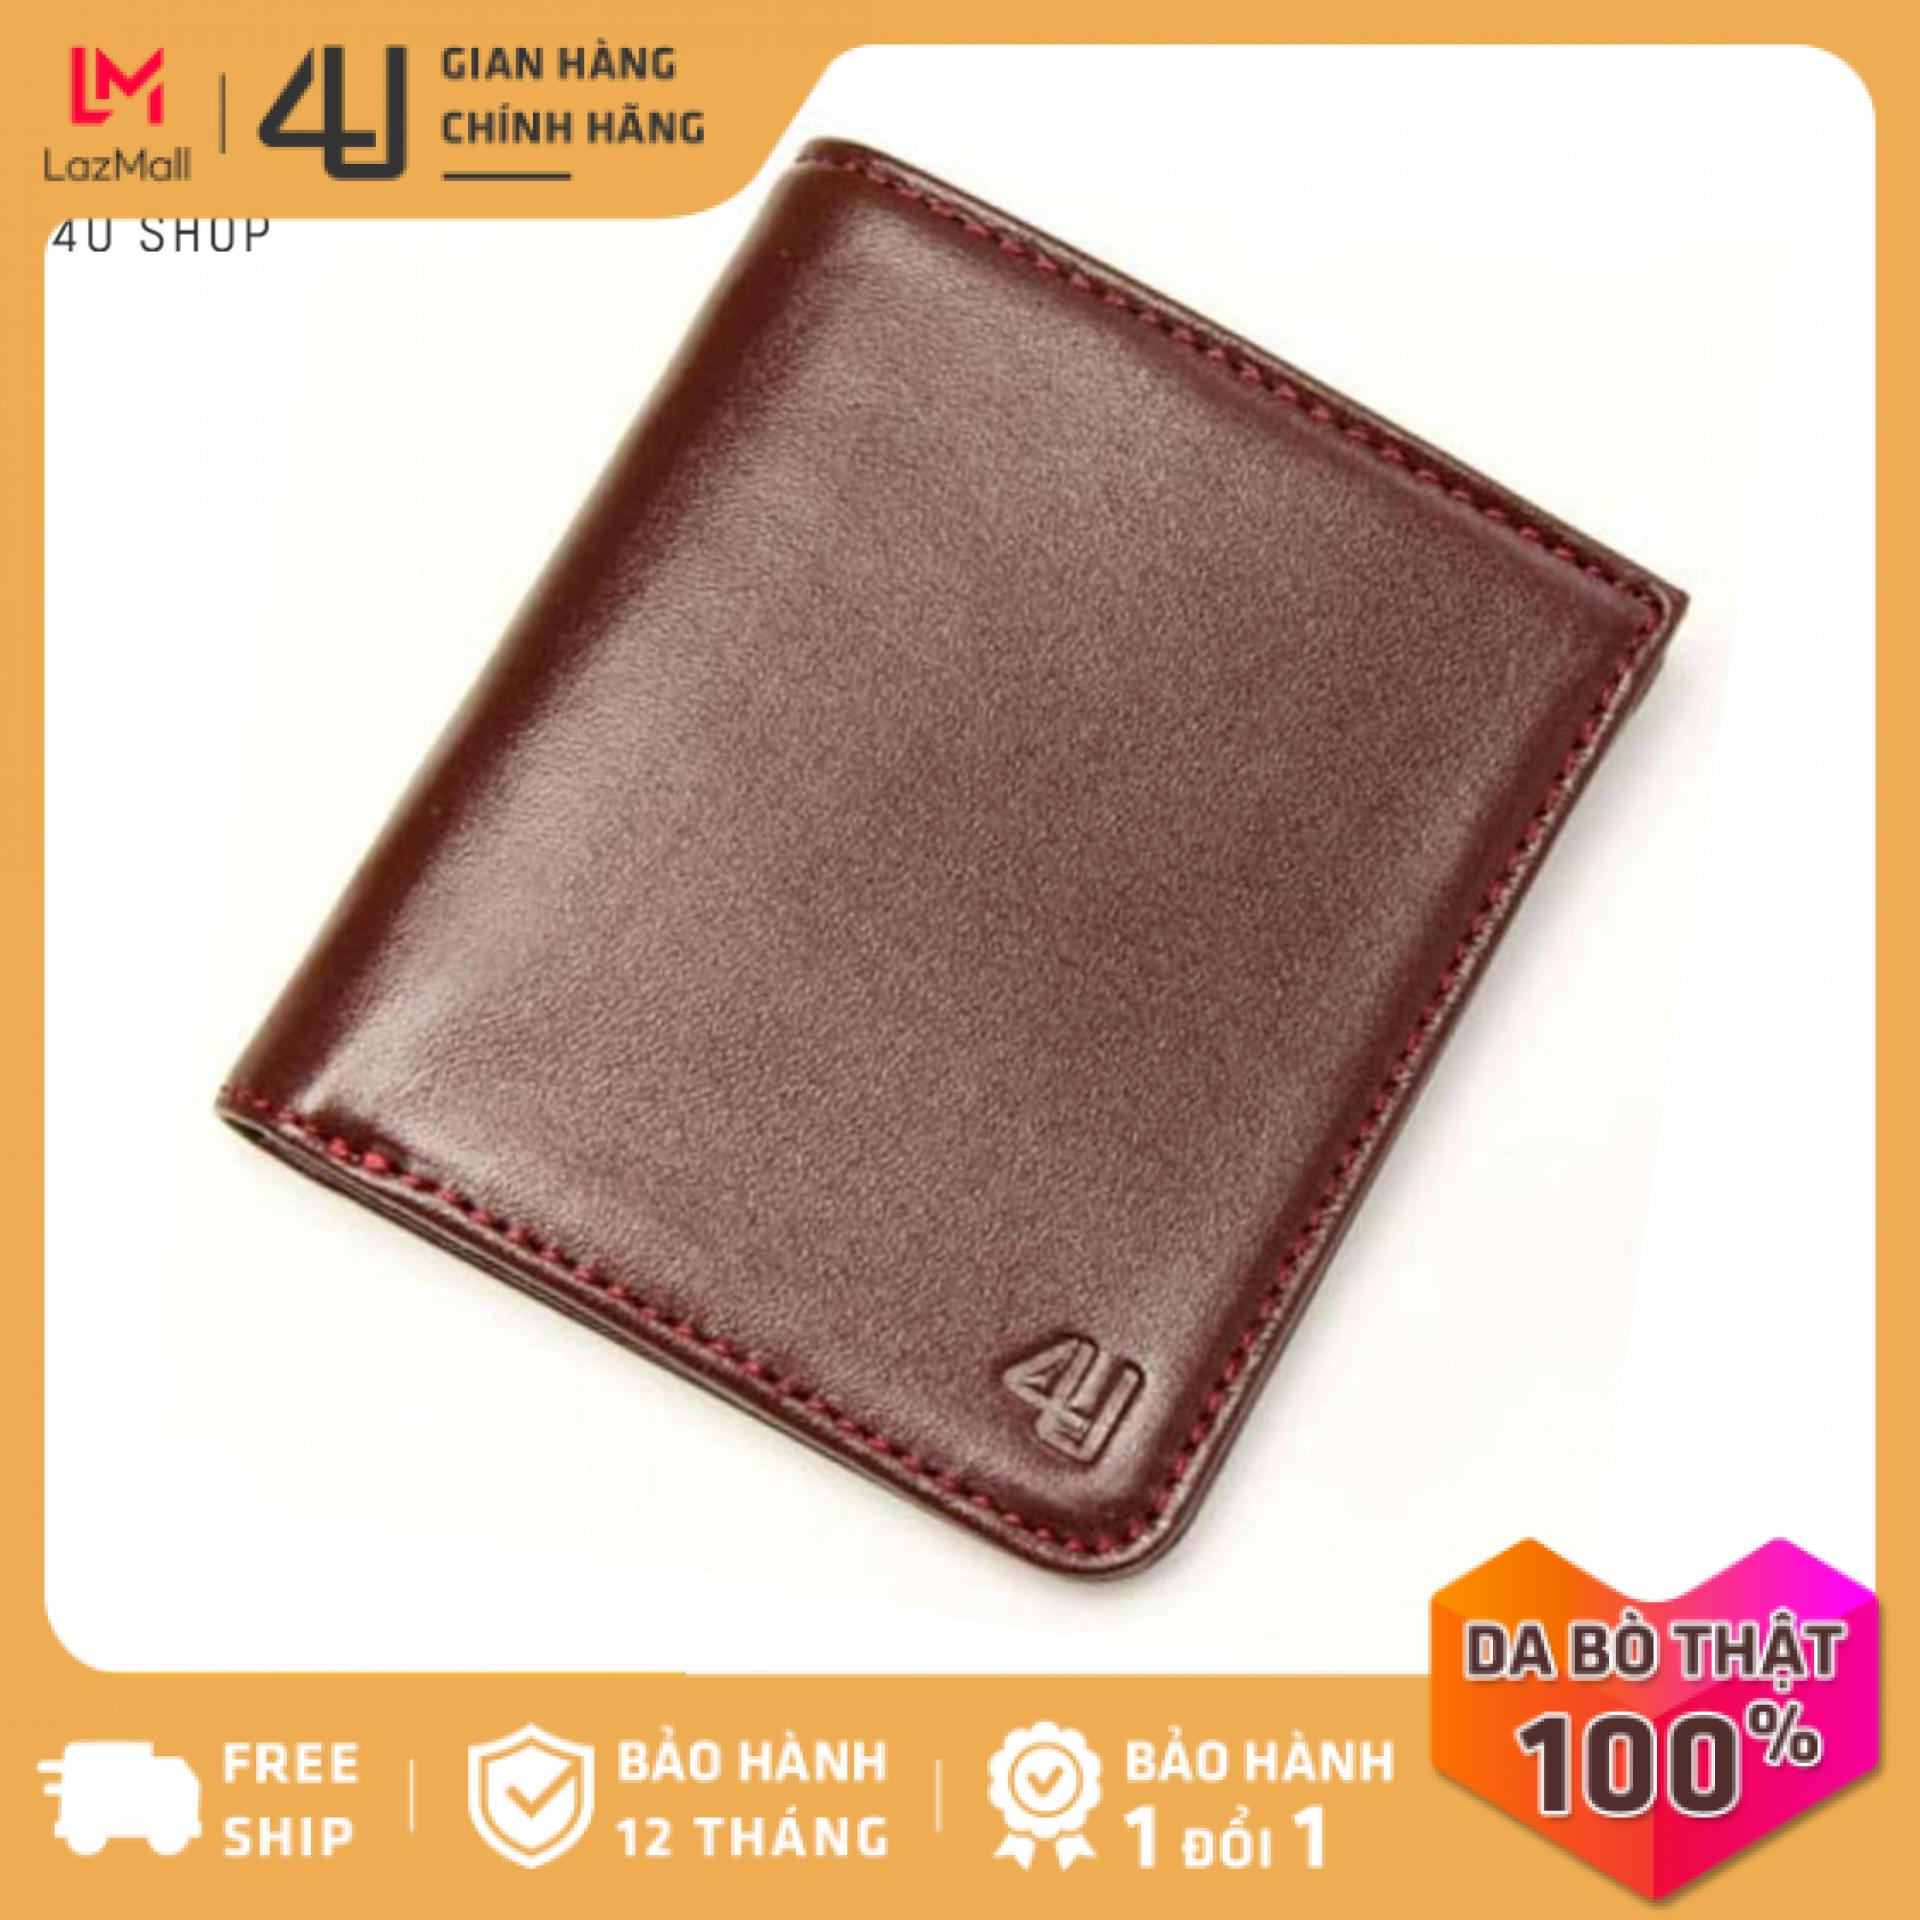 Bóp ví nam da bò thật 4U cao cấp dáng đứng form nhỏ, có nhiều ngăn đựng tiền và thẻ FB199 (đen-nâu-xanh dương)